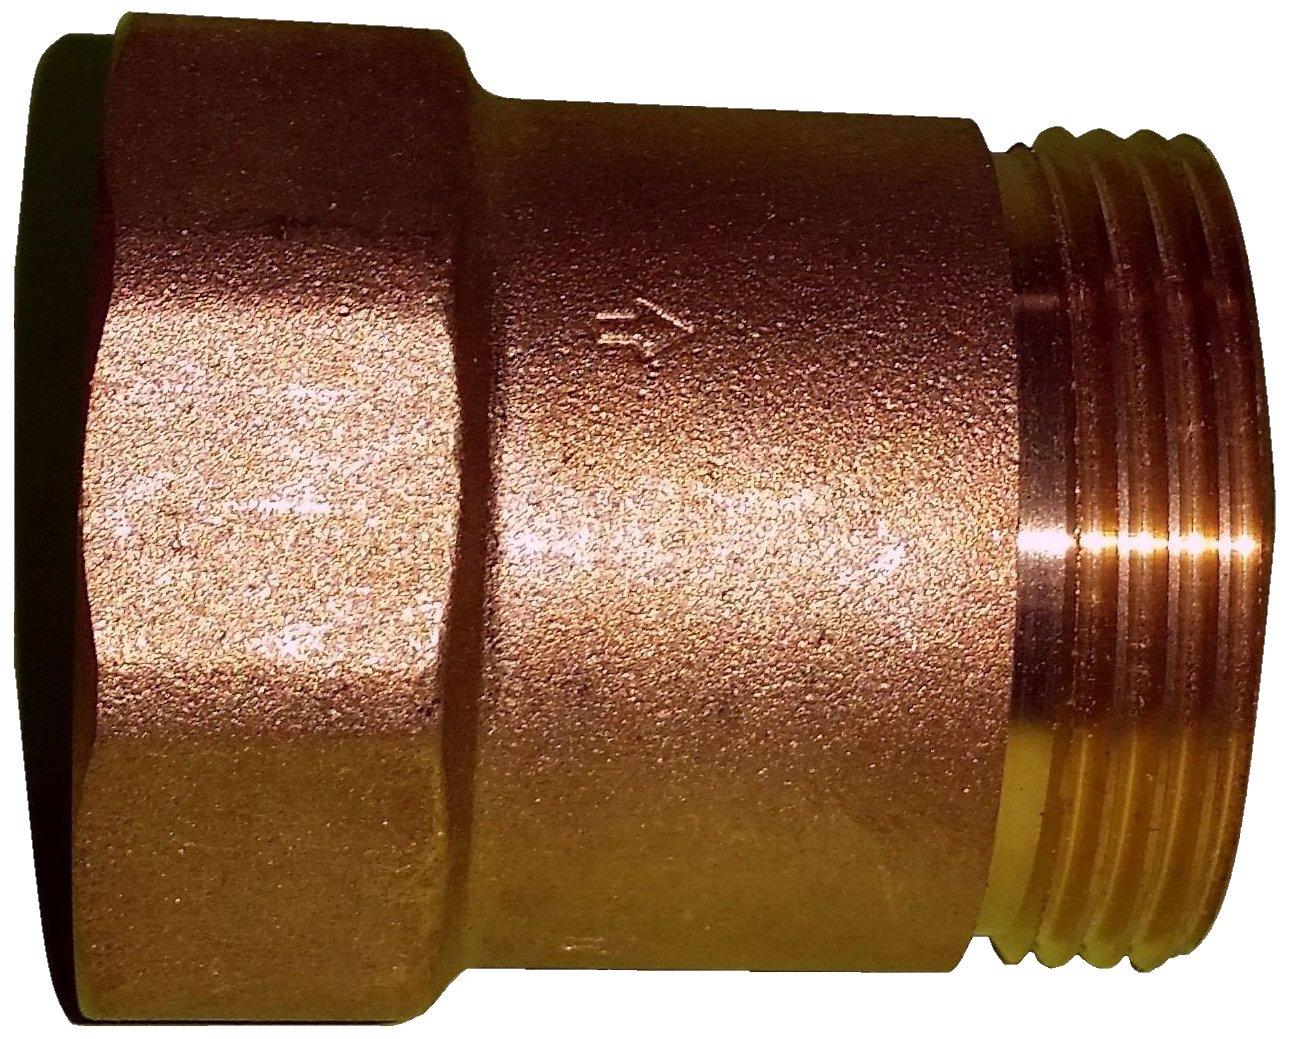 Metabo Rü ckschlagventil 1 1/4 AG x 1 1/4 IG Zoll, 628805000